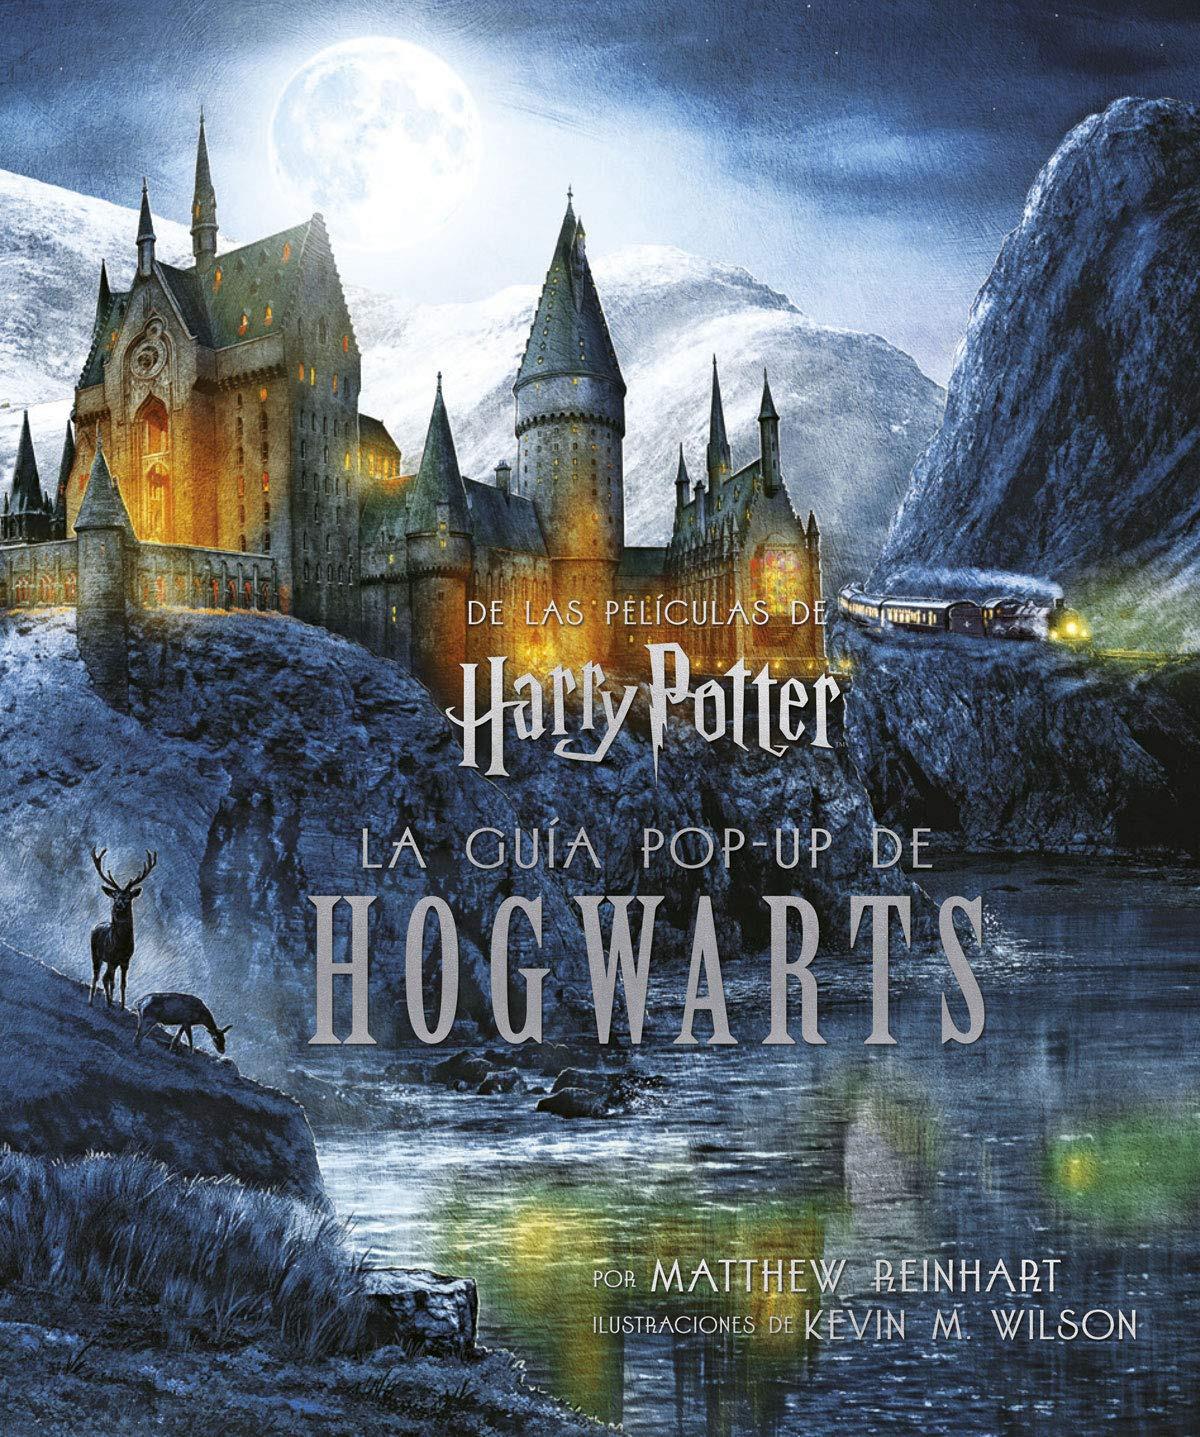 Interiores de Harry Potter: la gu¡a pop-up de hogwarts 9788467932973